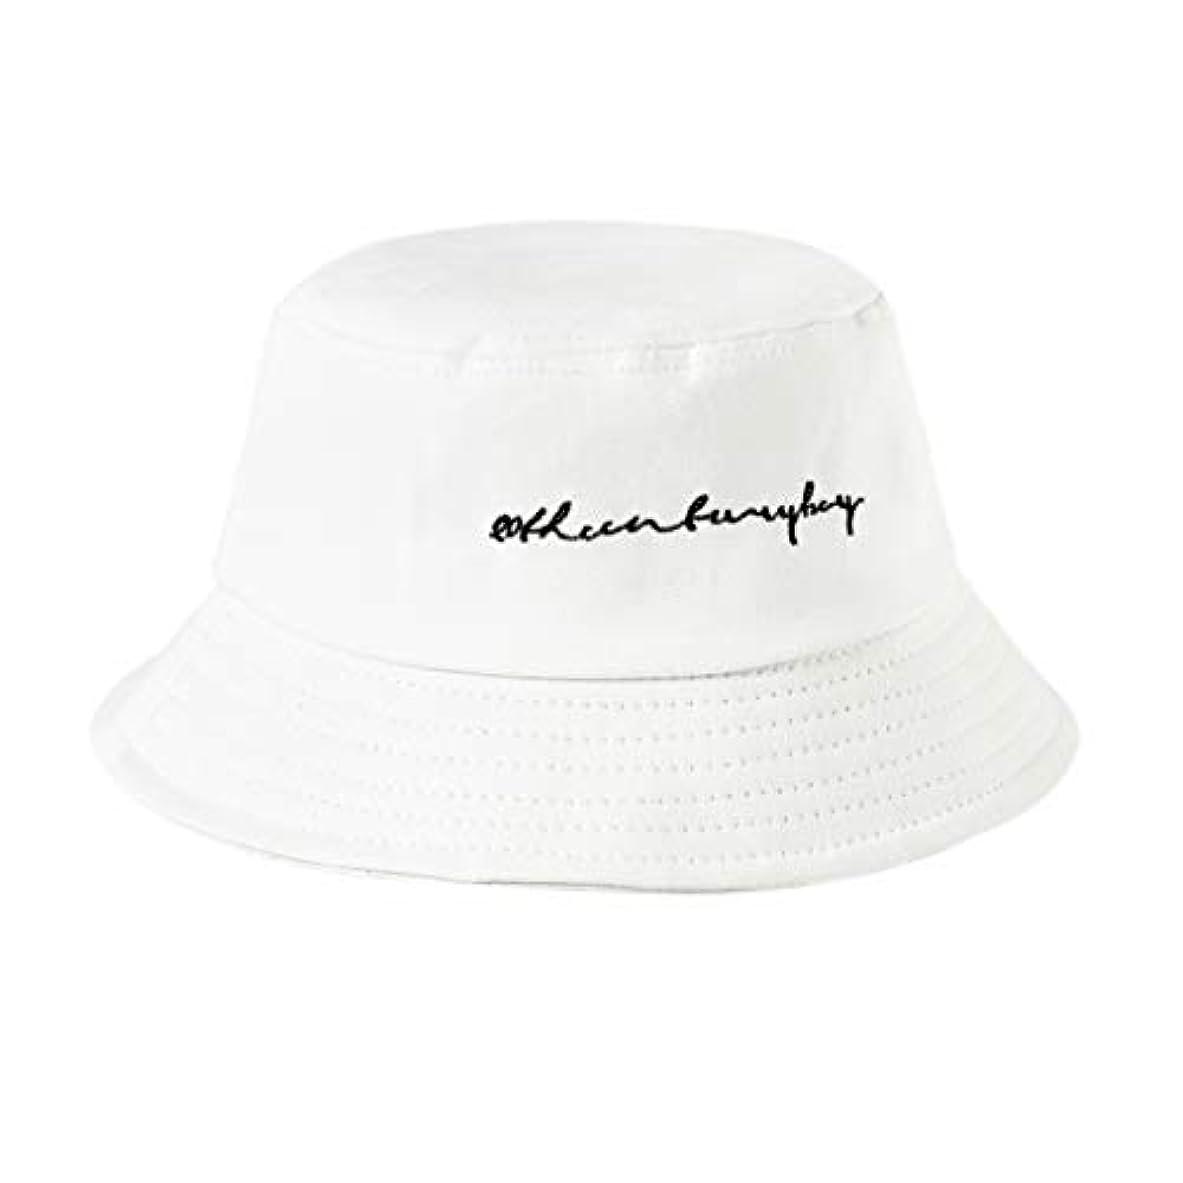 緩やかなしたがって着飾るManyao 22色女性女の子面白い刺繍手紙広いつばバケツ帽子夏カジュアル原宿ヒップホップ学生スポーツ漁師キャップ